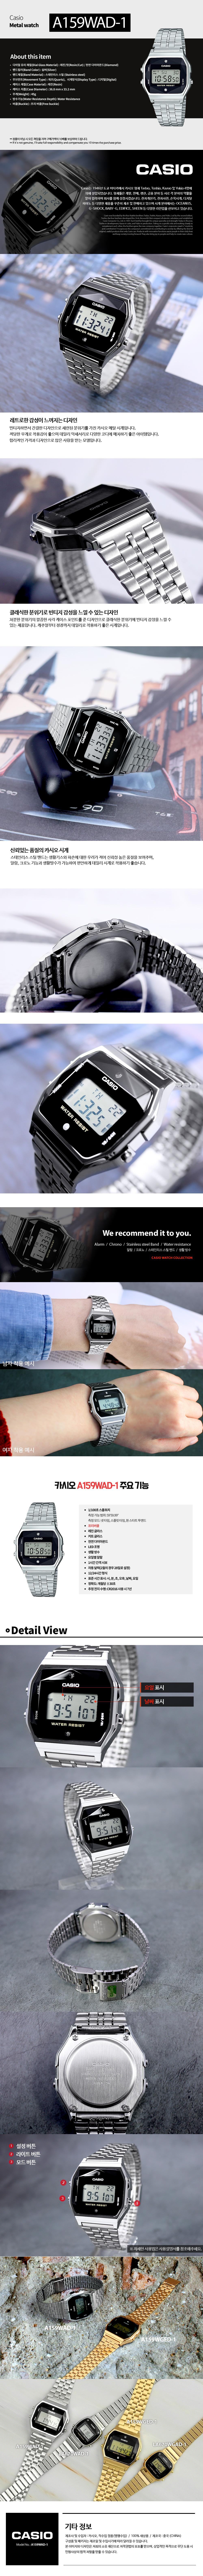 카시오(CASIO) A159WAD-1 다이아몬드 메탈밴드 시계